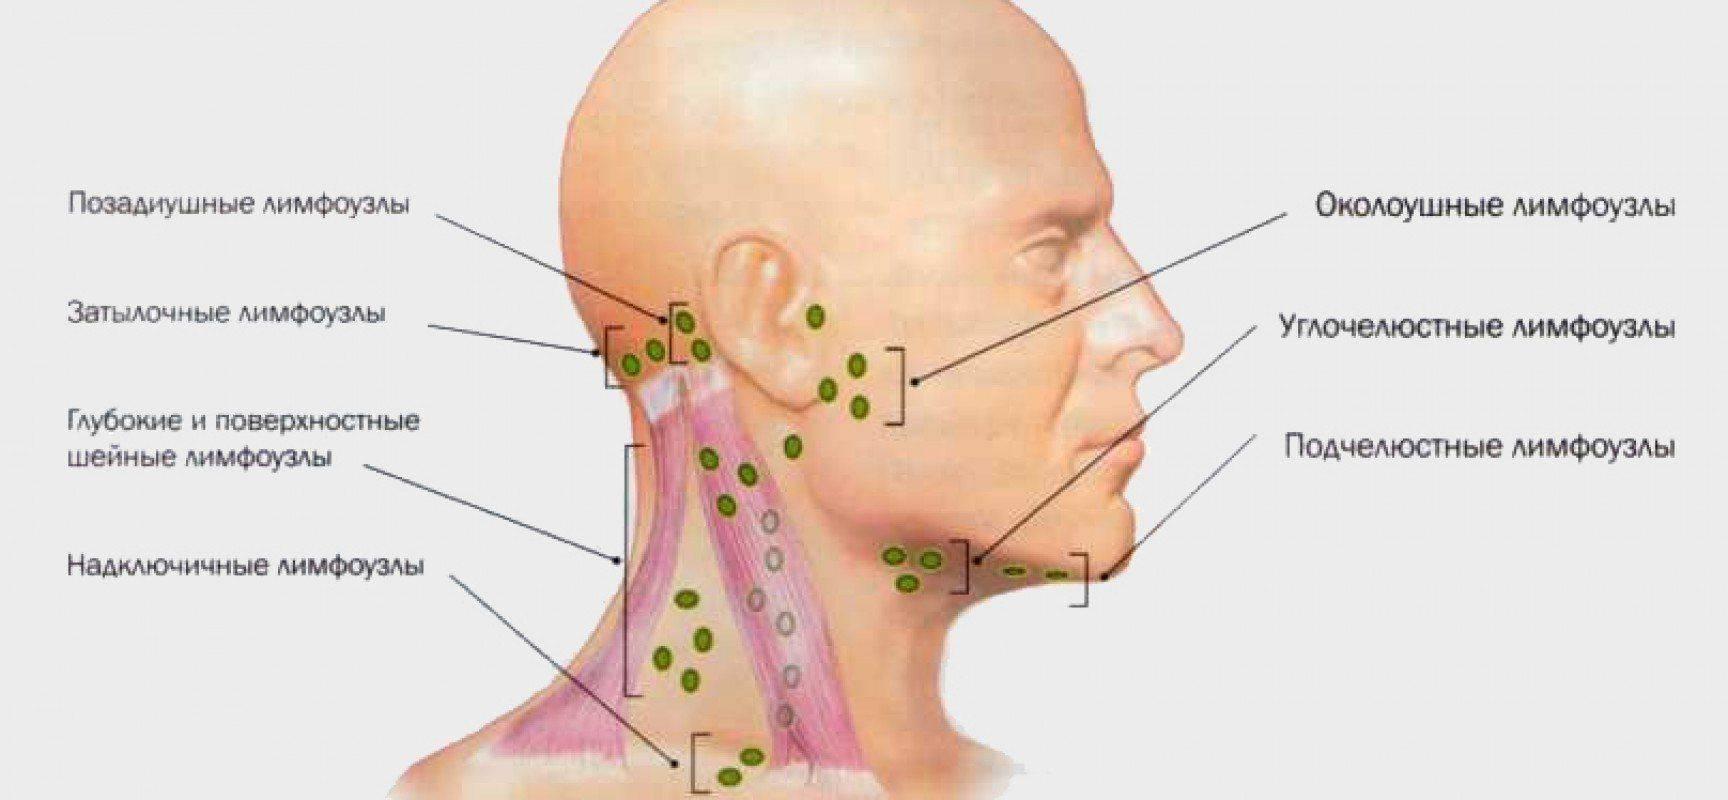 Почему при ангине увеличиваются шейные лимфоузлы?